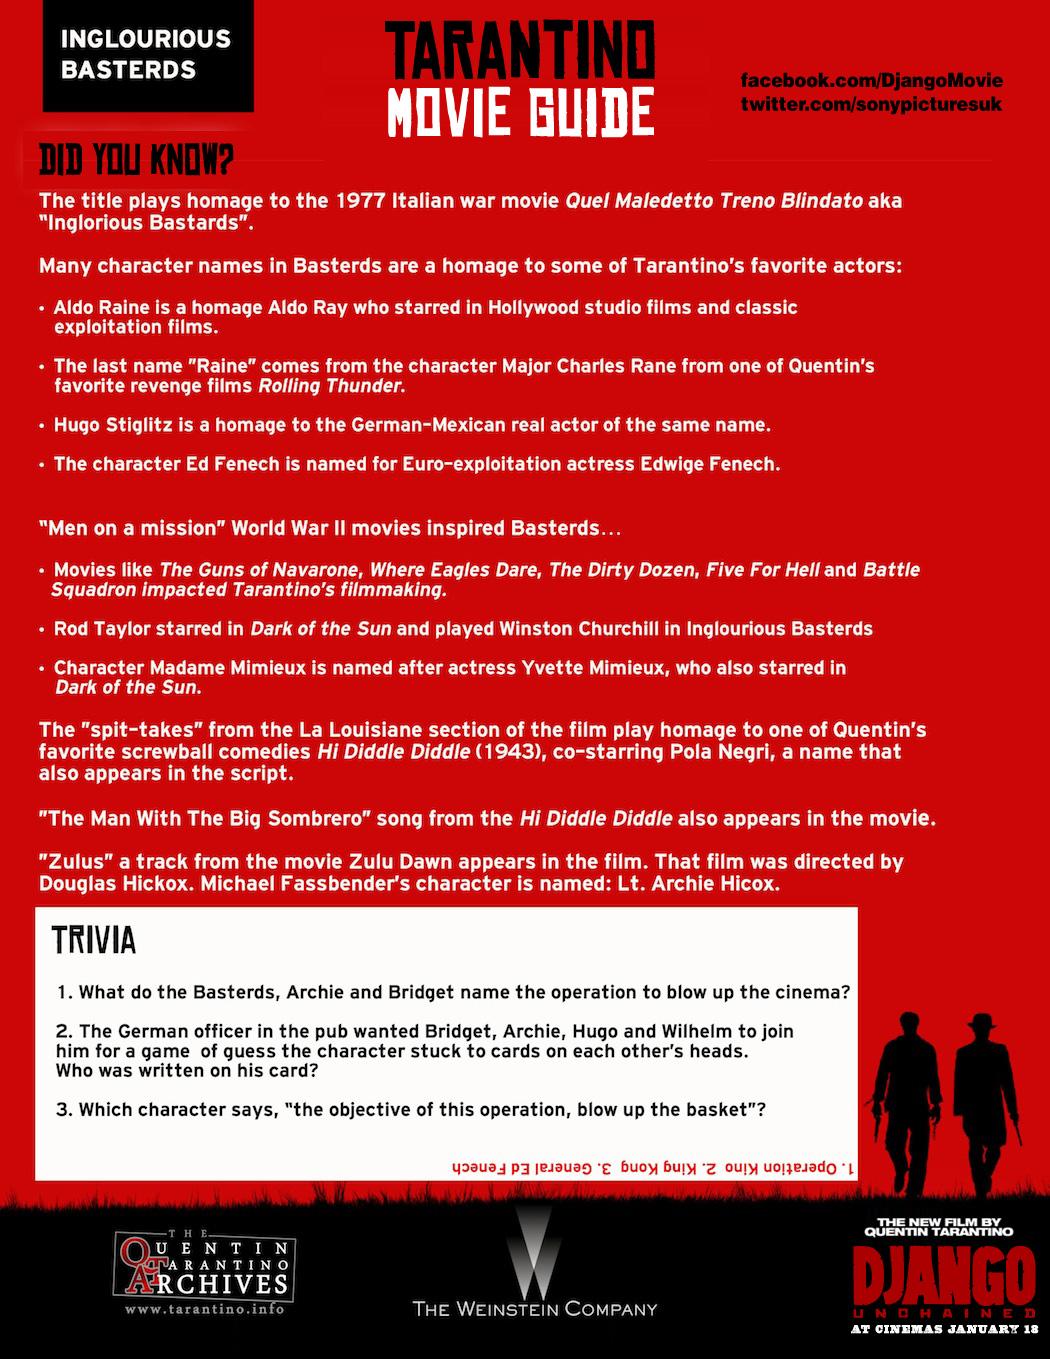 Tarantino Movie Guide - Inglourious Basterds